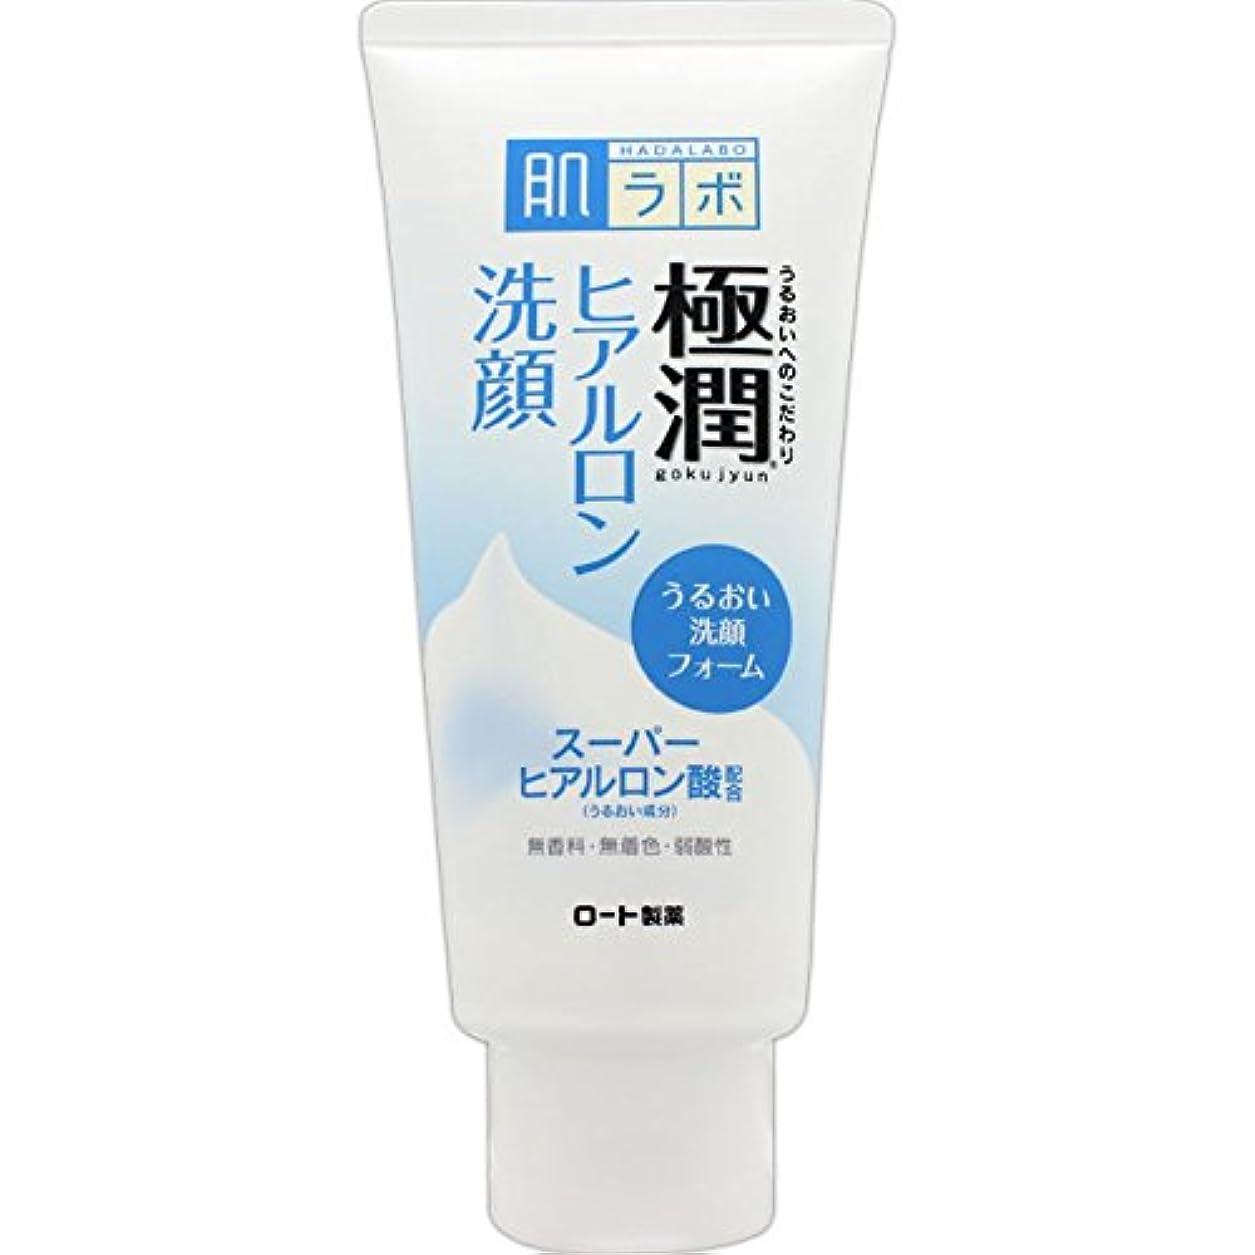 眠る着服ホイスト肌ラボ 極潤 ヒアルロン洗顔フォーム スーパーヒアルロン酸&吸着型ヒアルロン酸をW配合 100g